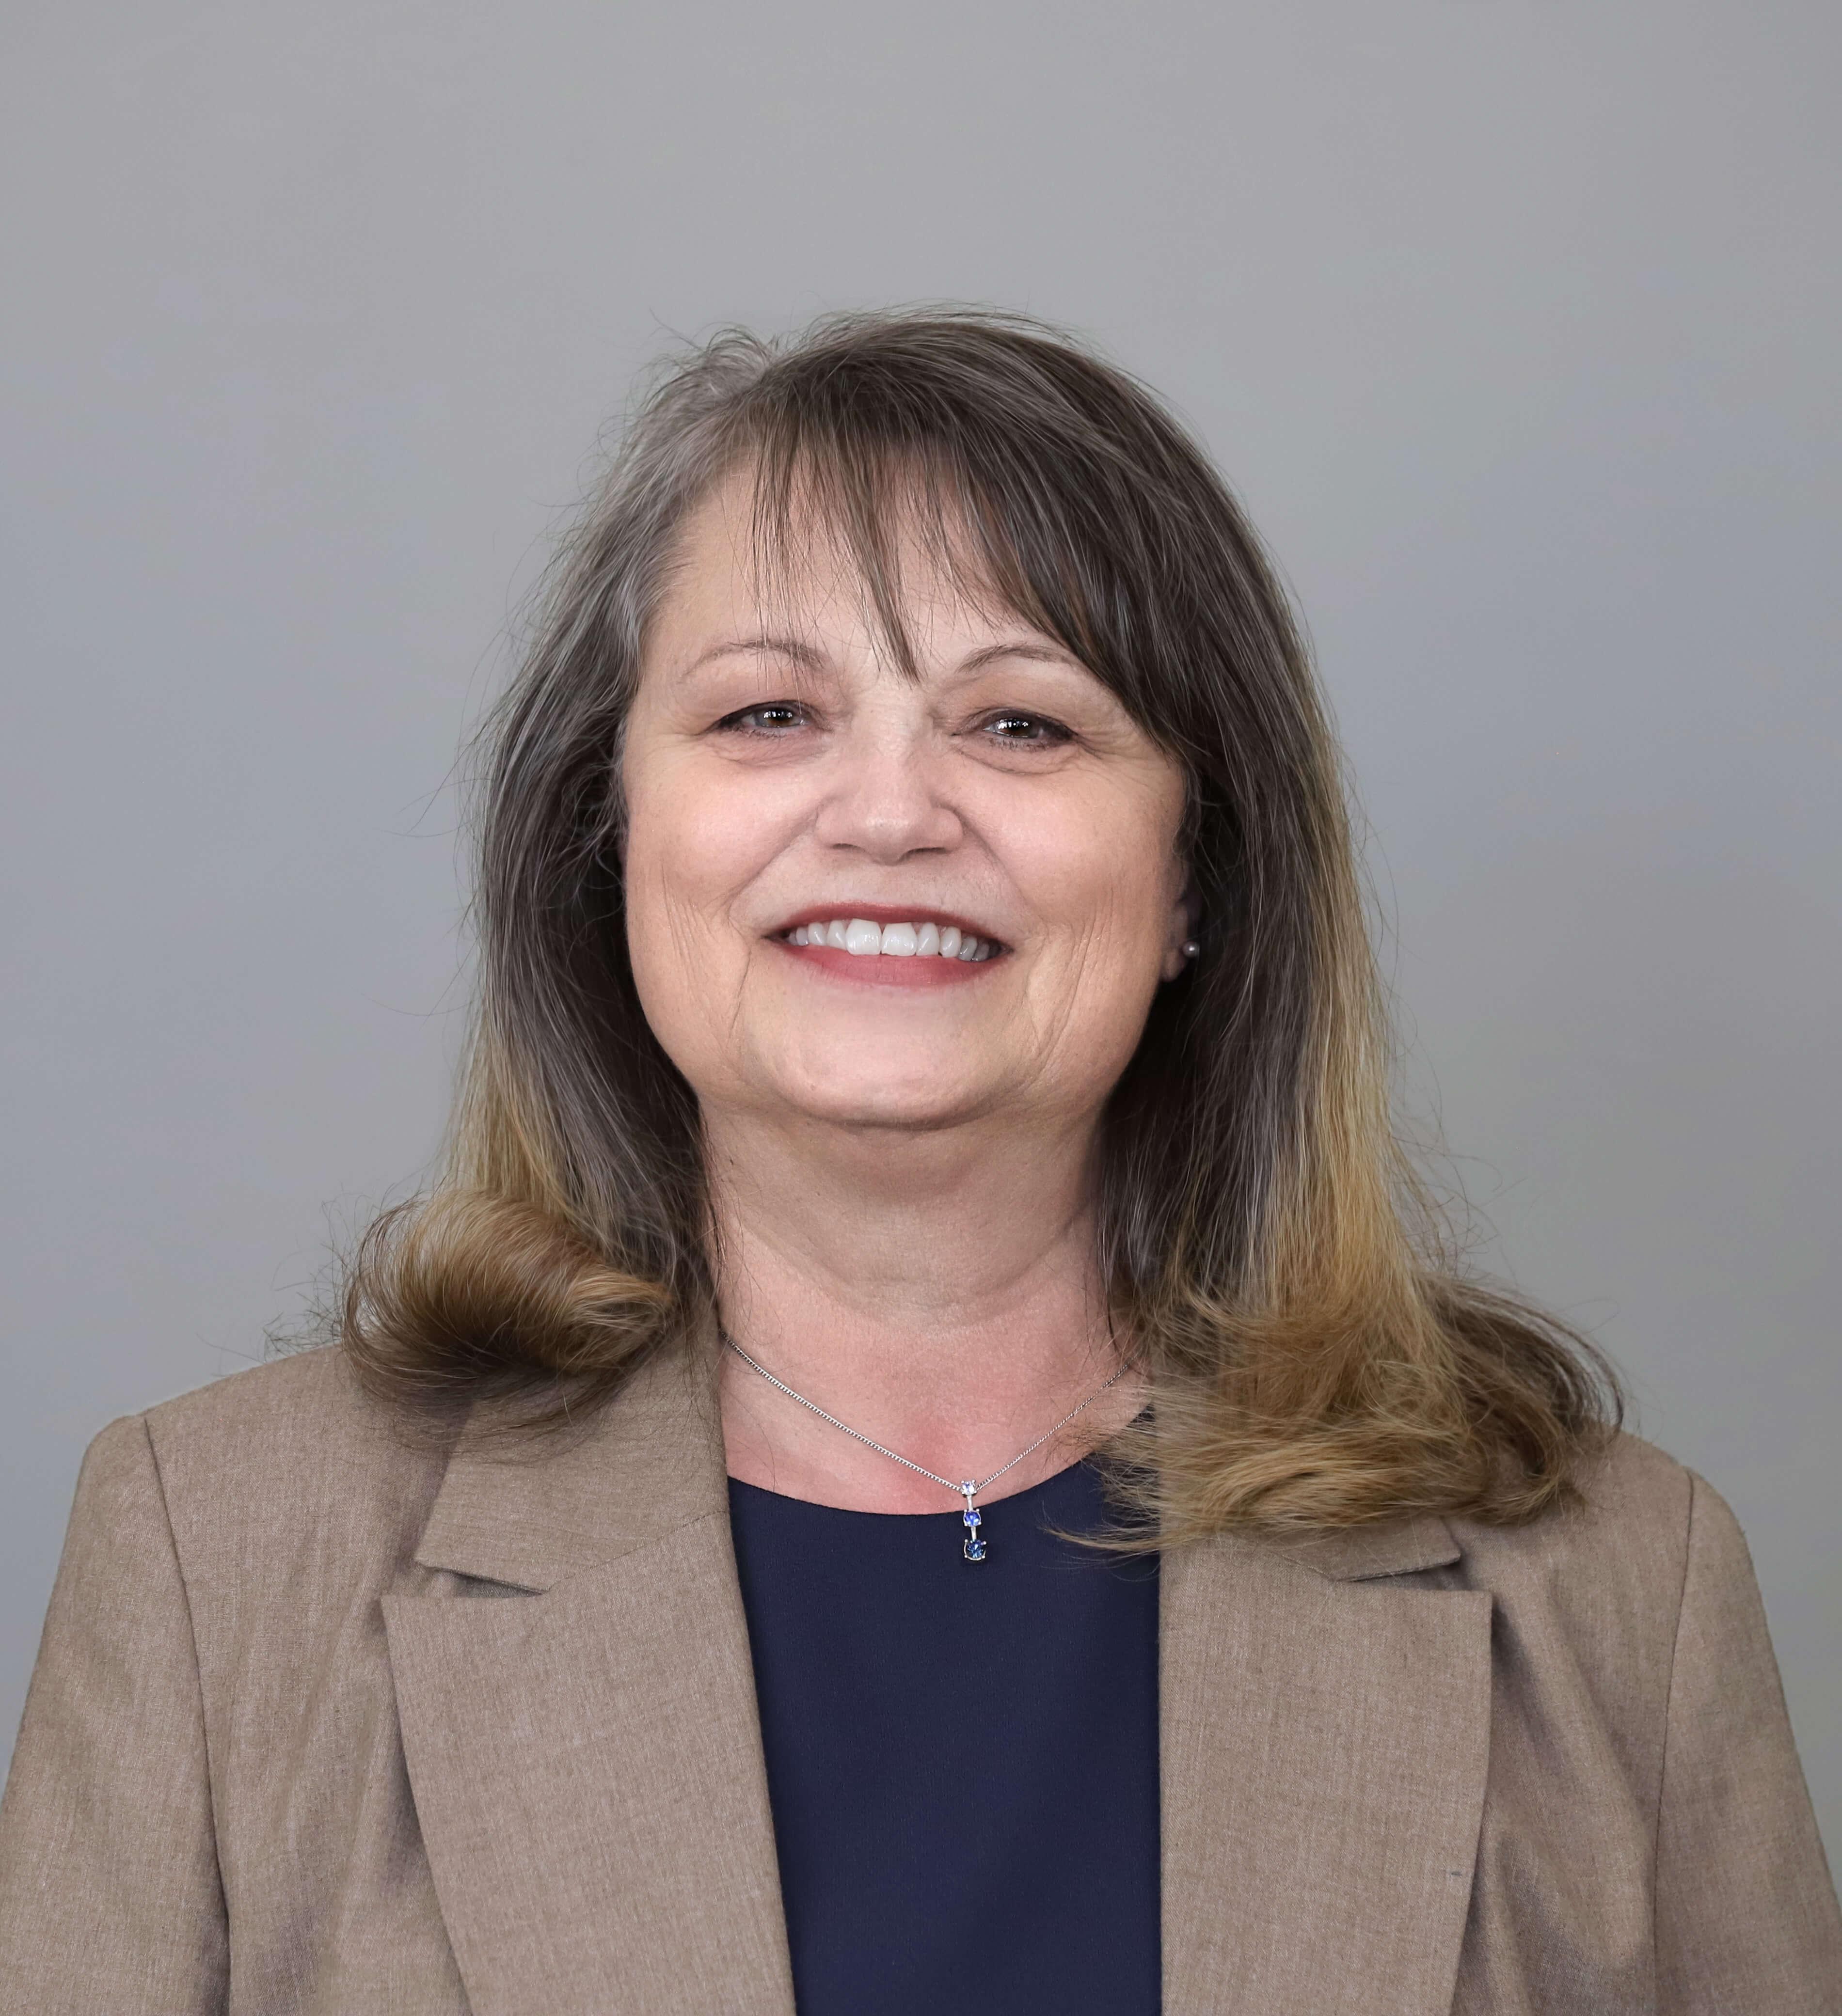 Karen Dutkowski